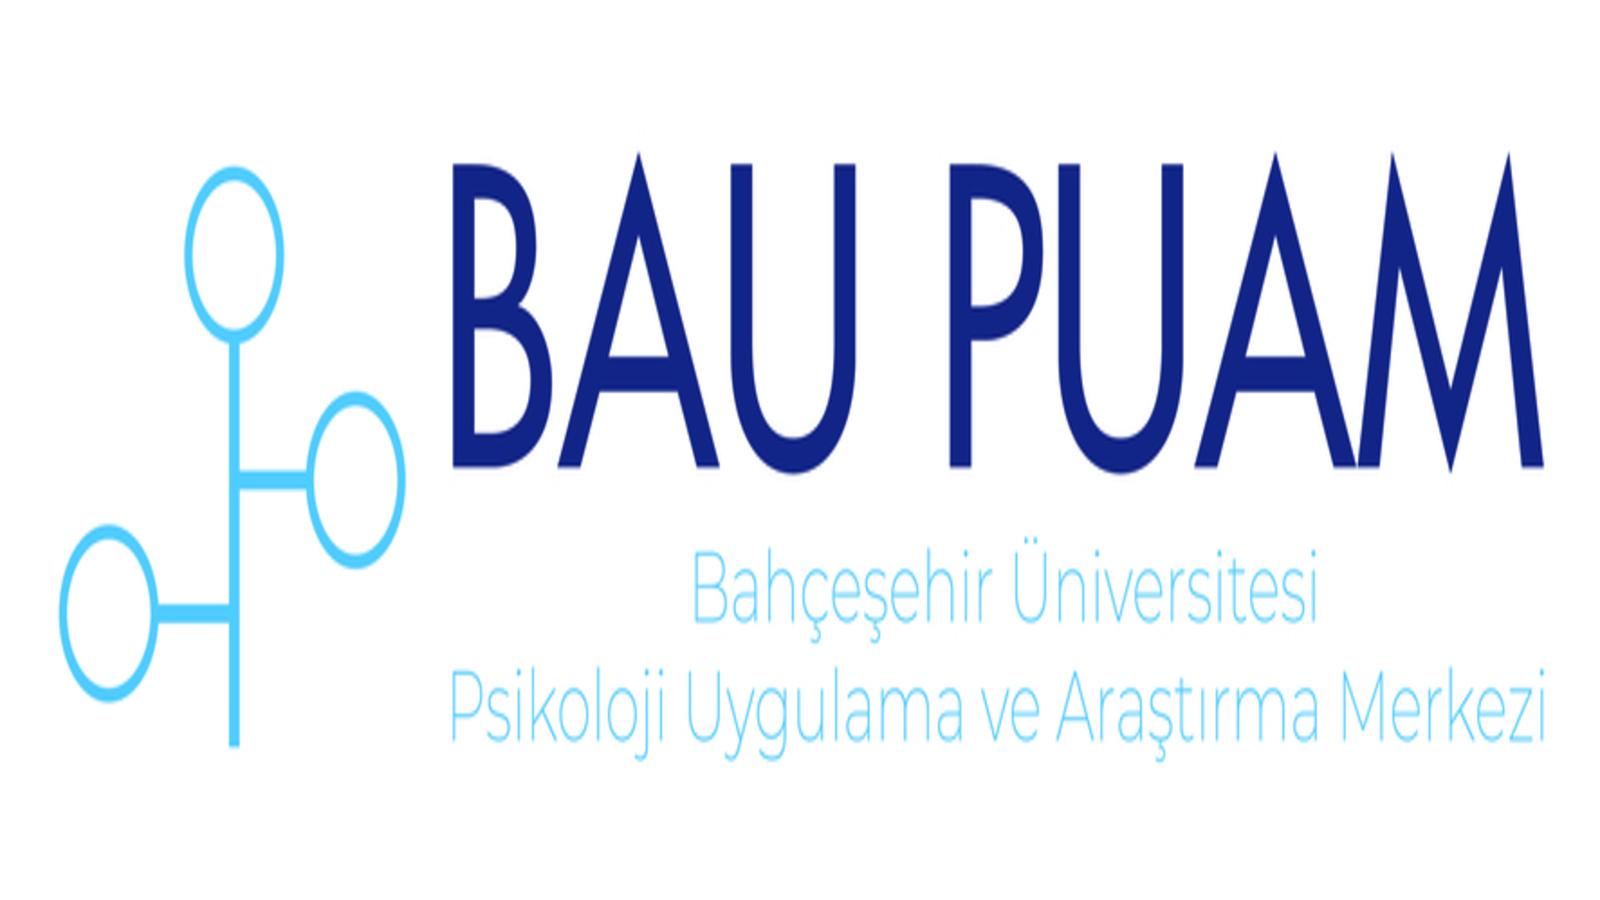 BAU-PUAM (Psikoloji Uygulama ve Araştırma Merkezi)